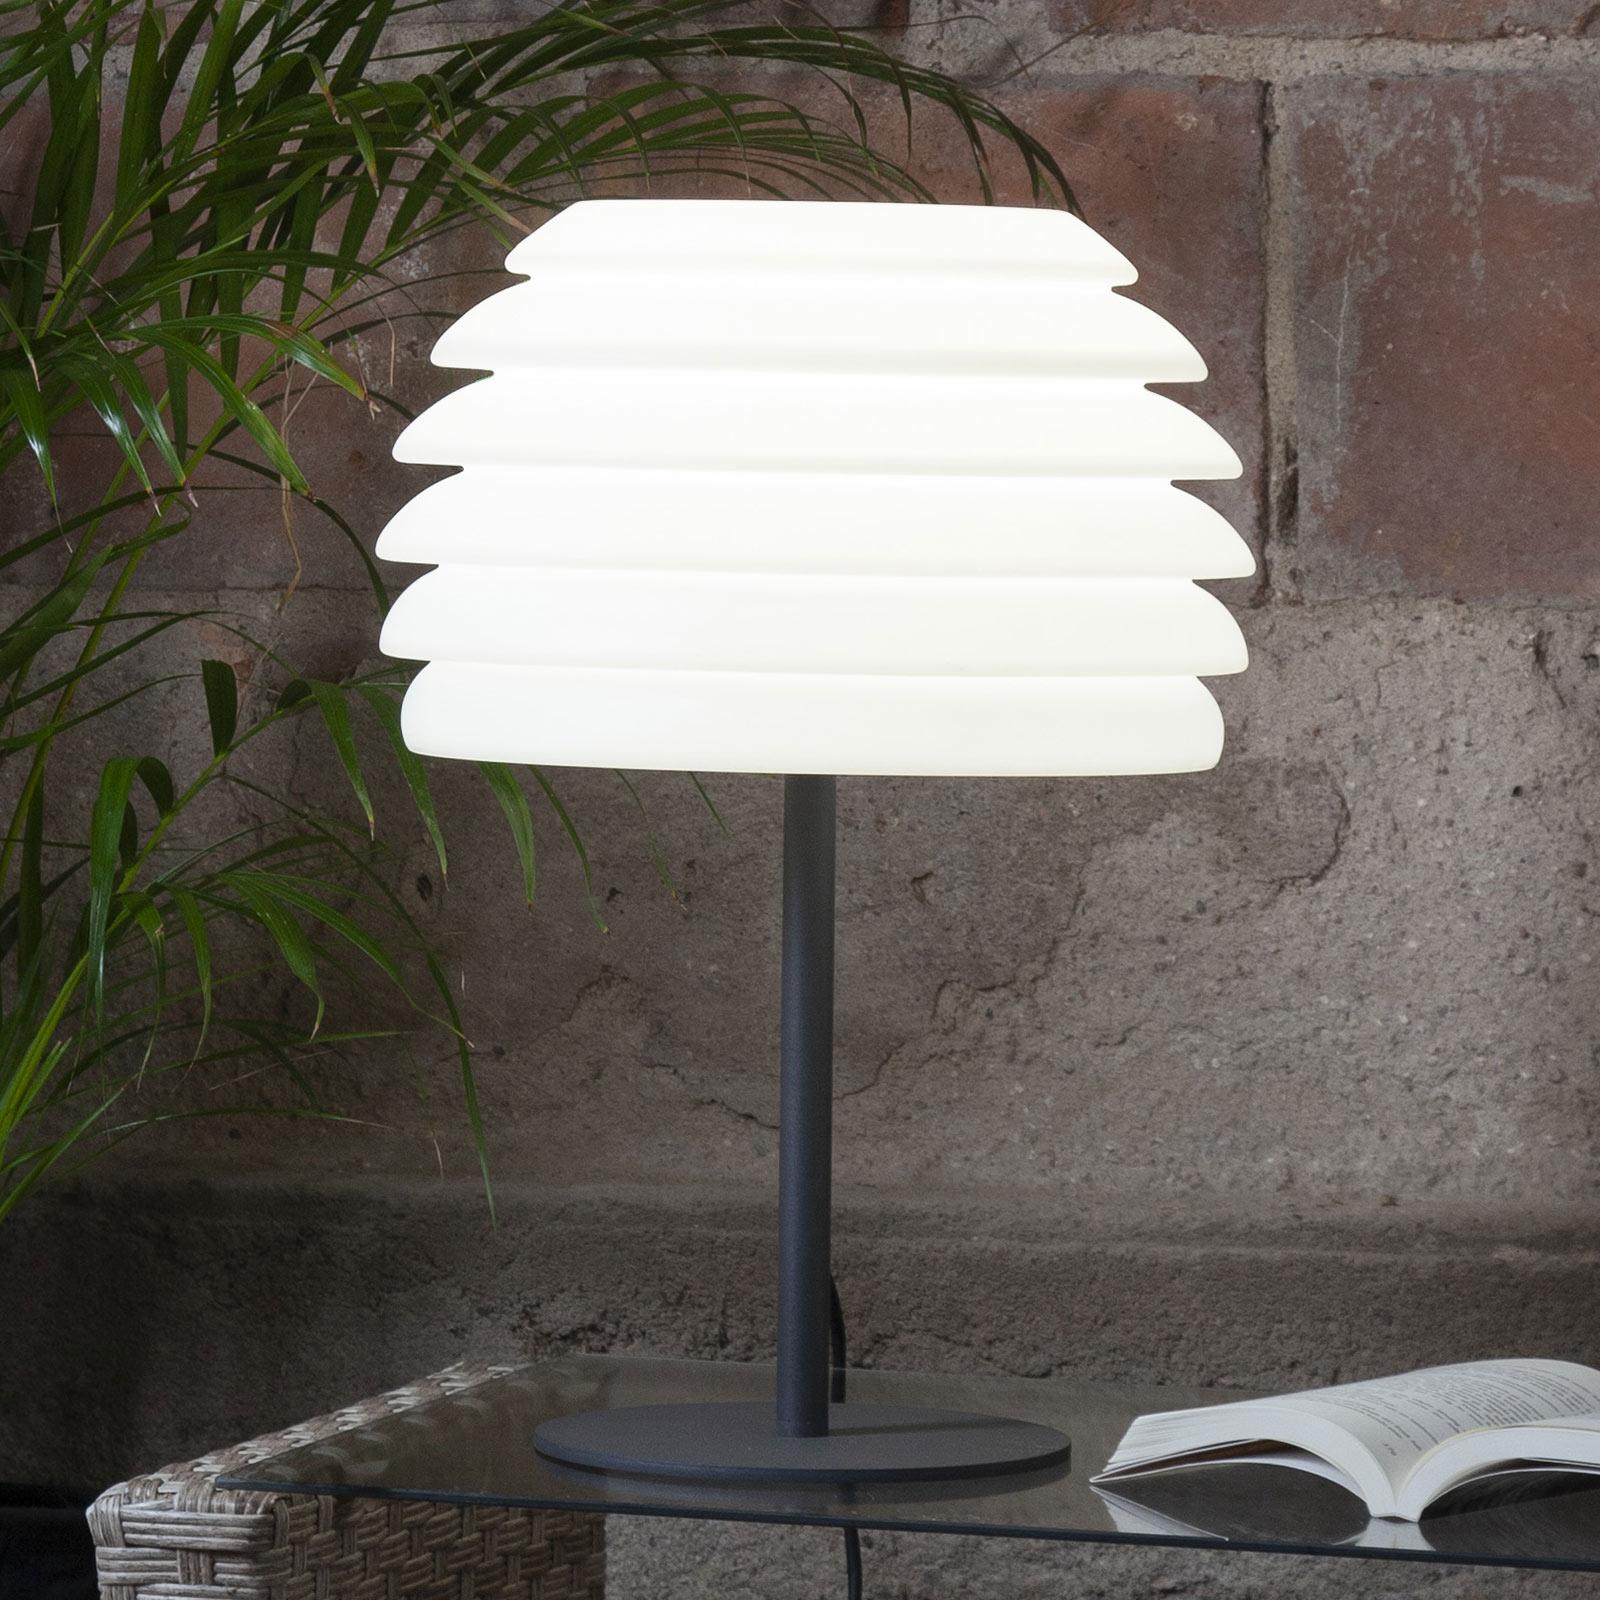 Lampada da terrazza Gardenlight ondulato, 50 cm